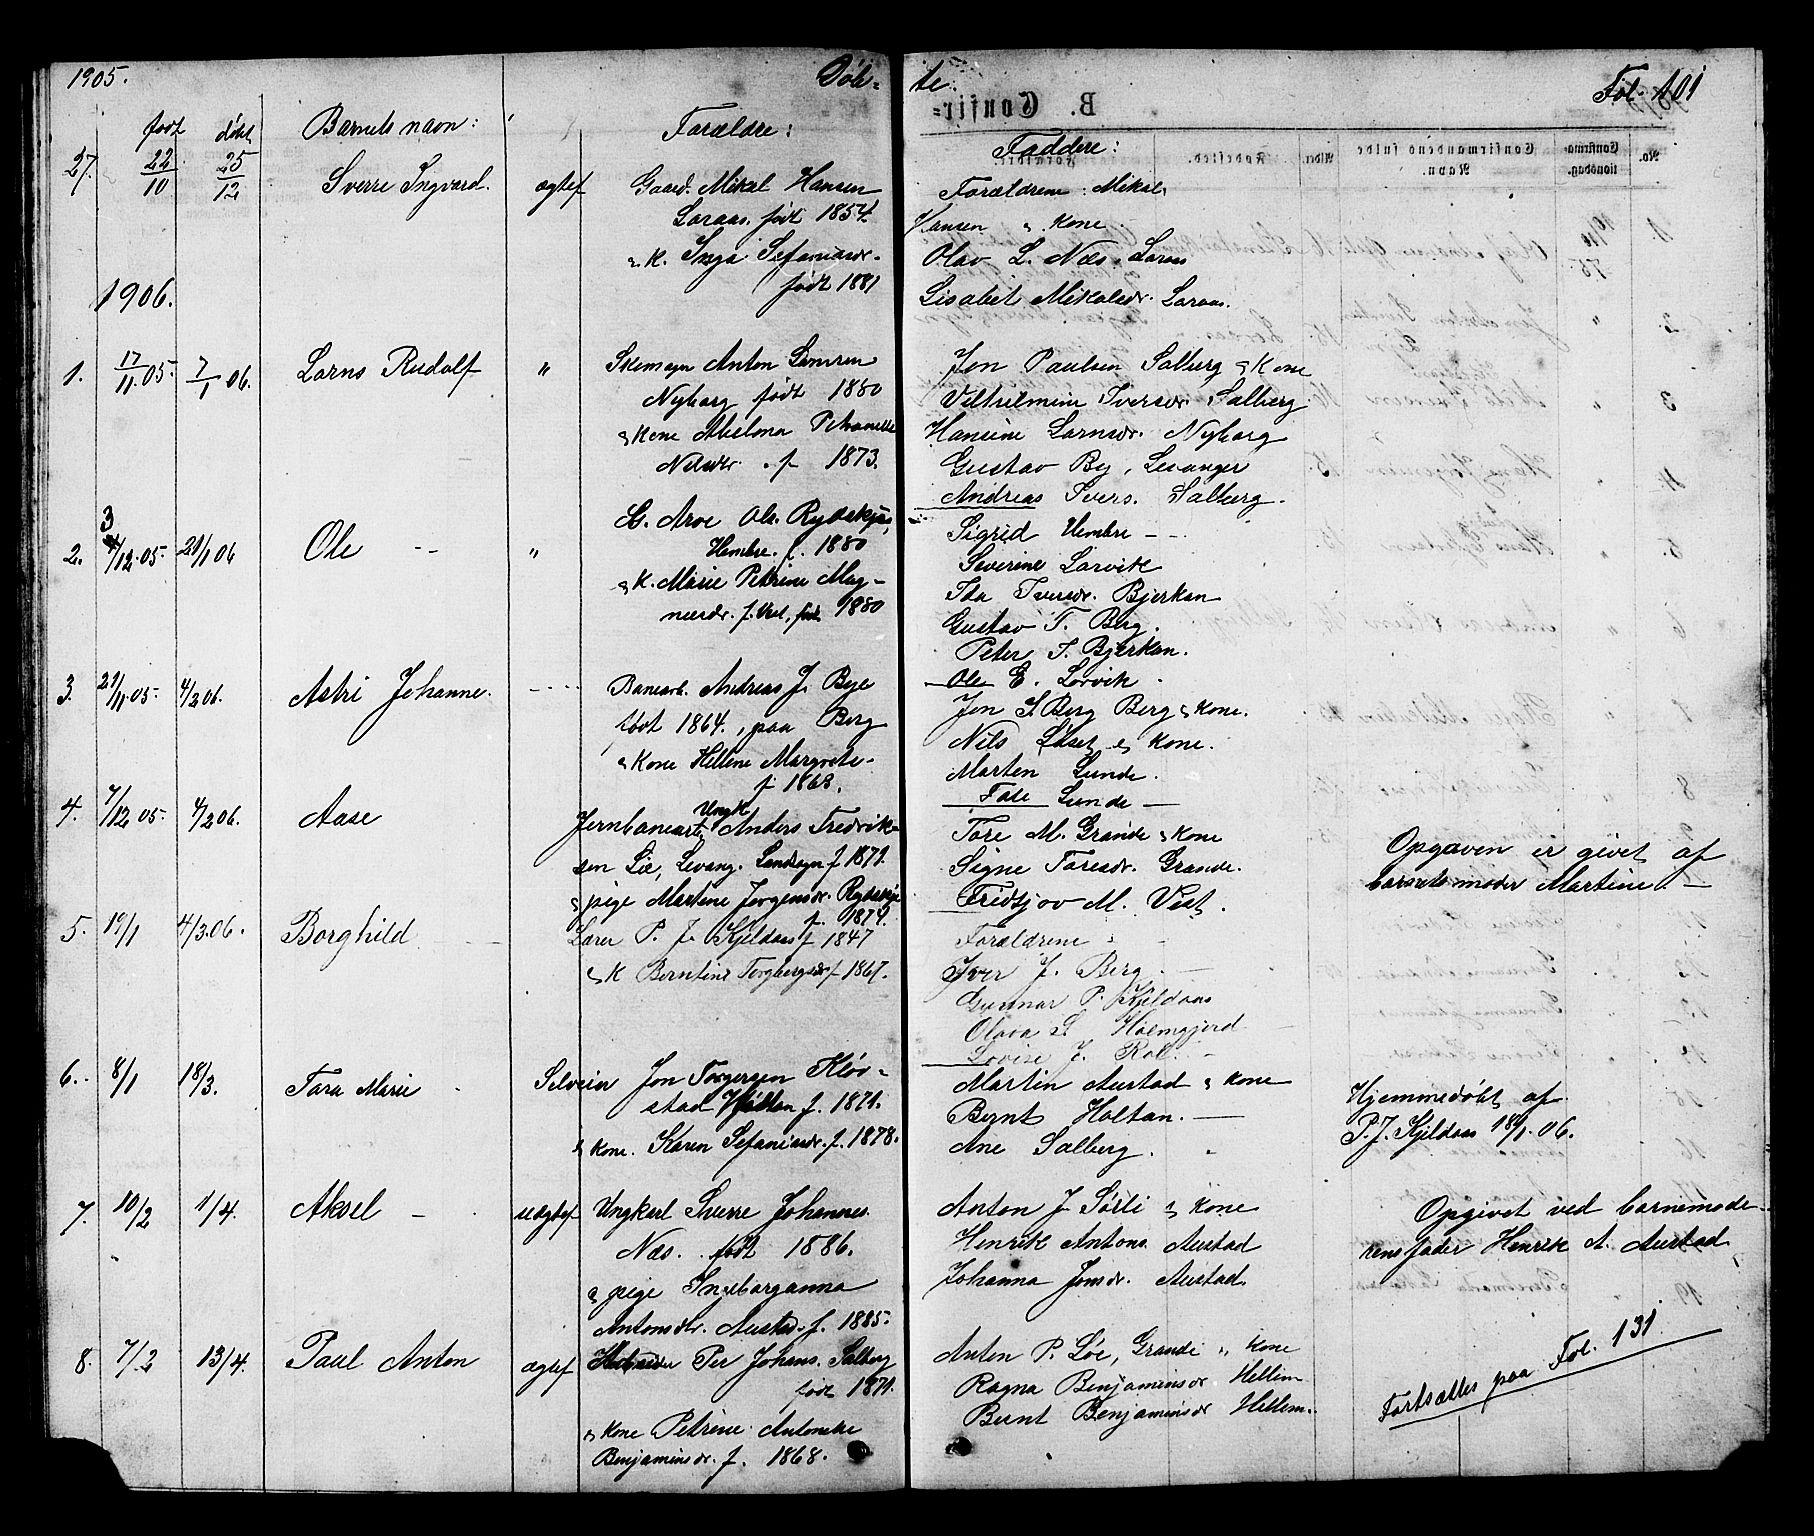 SAT, Ministerialprotokoller, klokkerbøker og fødselsregistre - Nord-Trøndelag, 731/L0311: Klokkerbok nr. 731C02, 1875-1911, s. 101